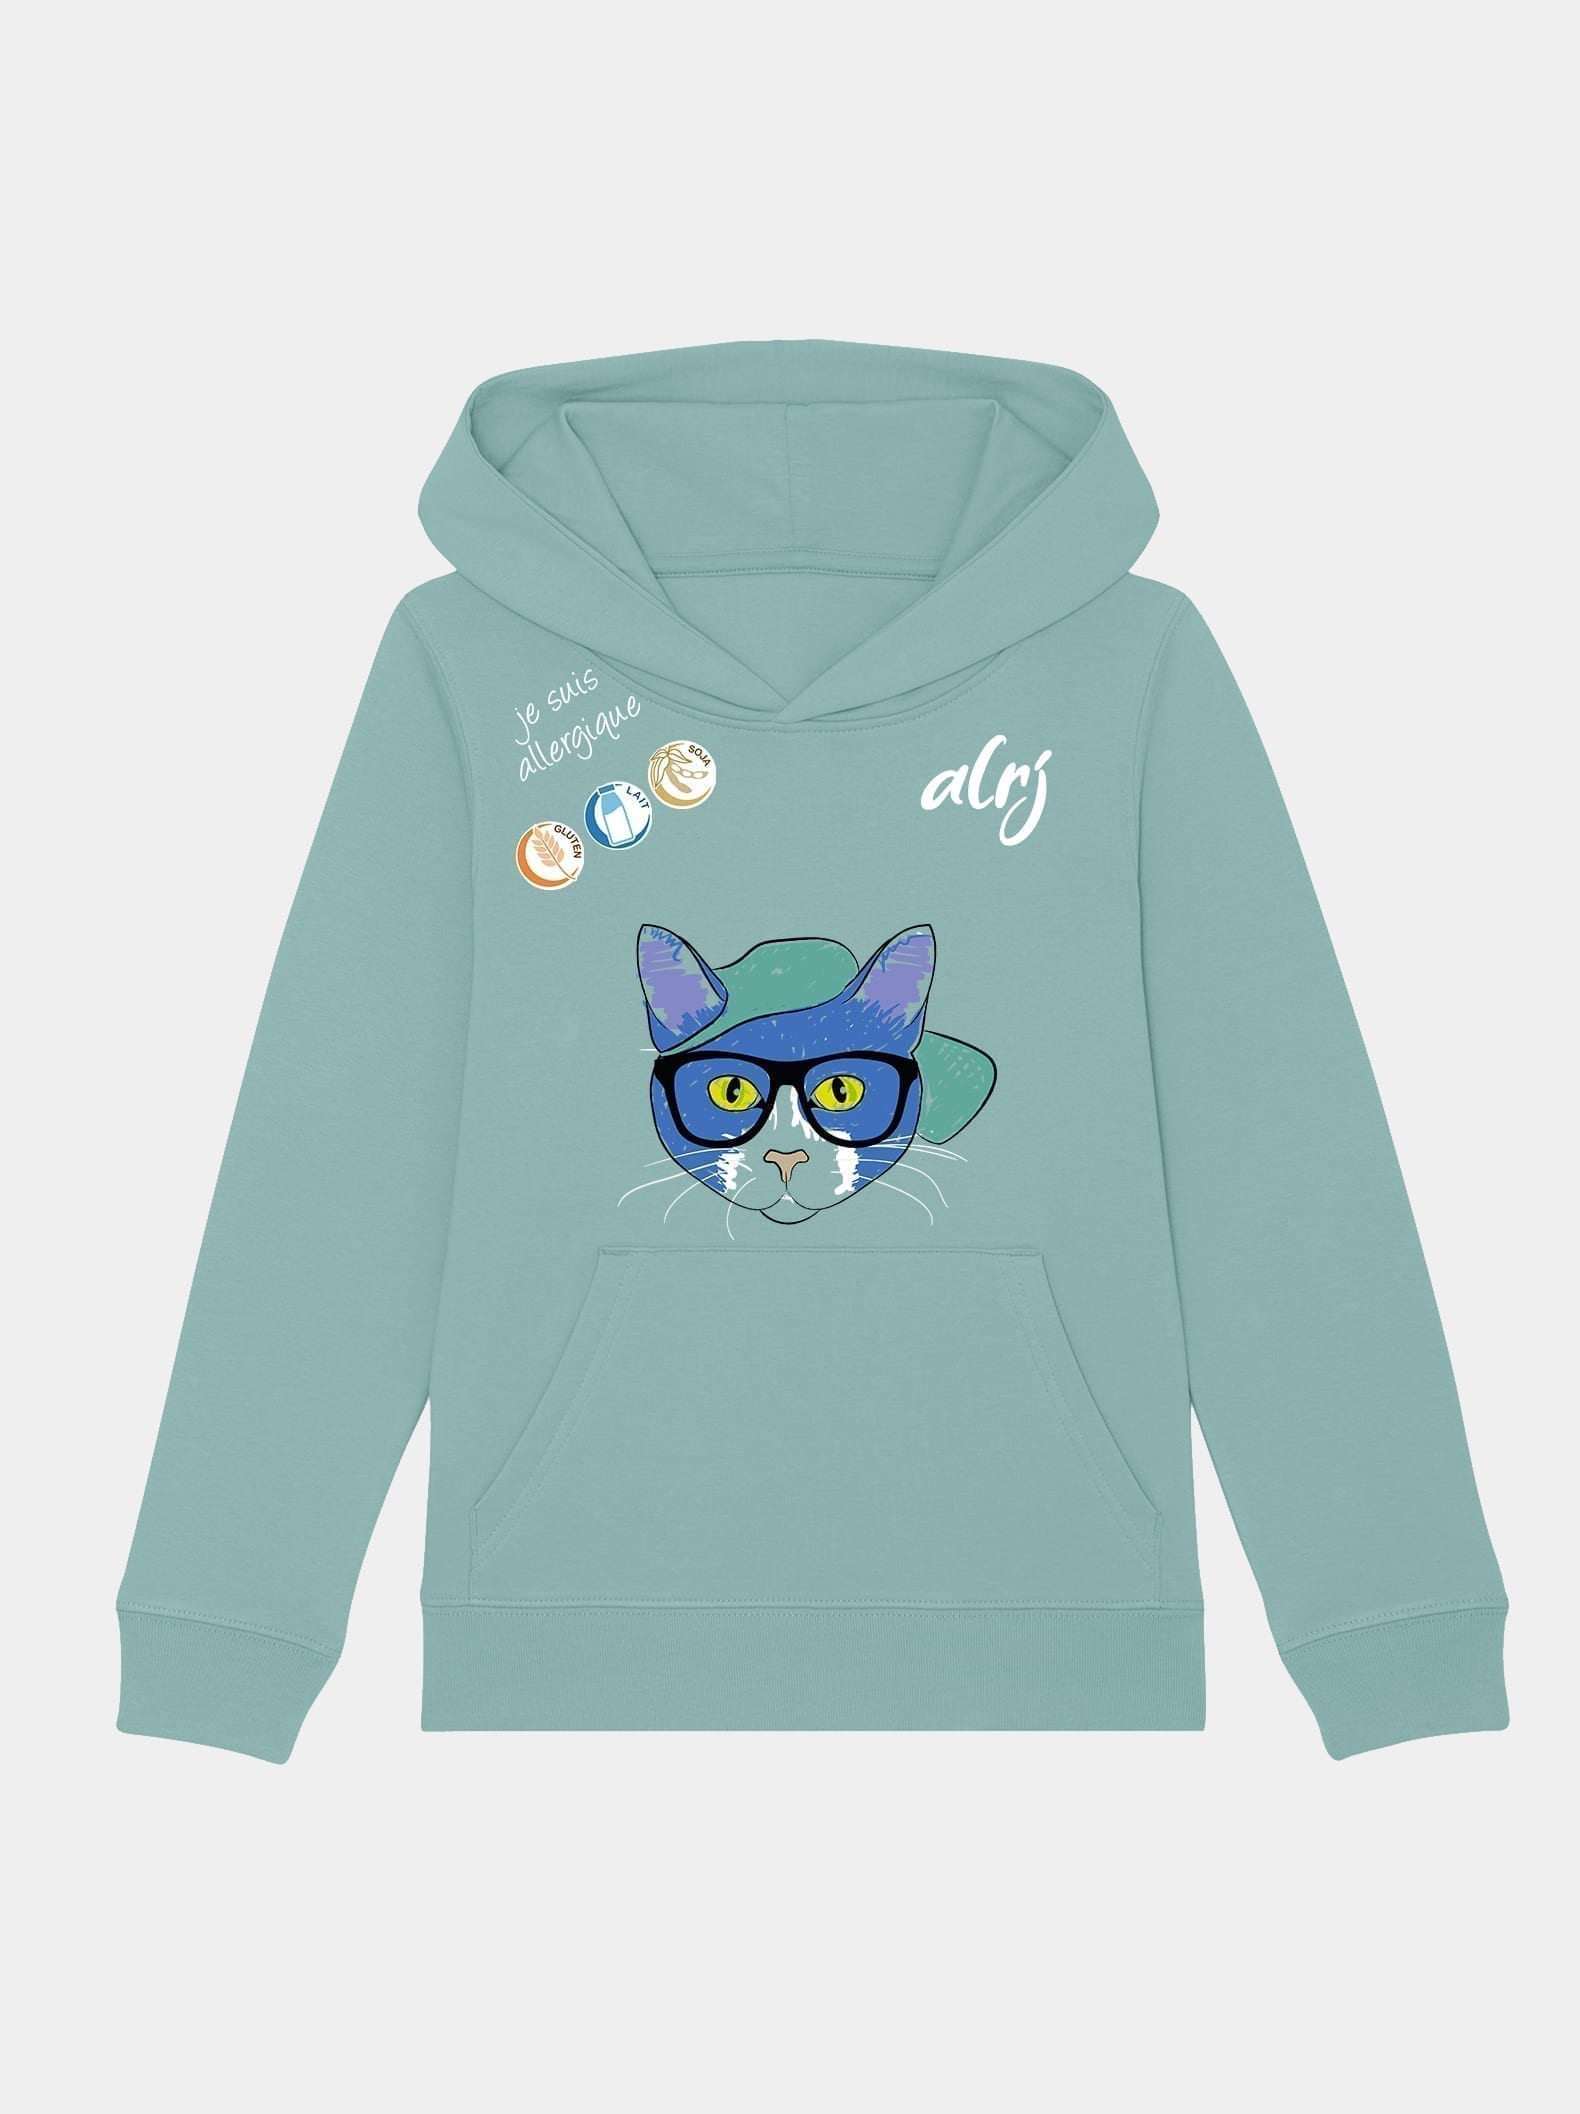 sweatshirt allergie alimentaire alrj avec motif chat couleur turquoise